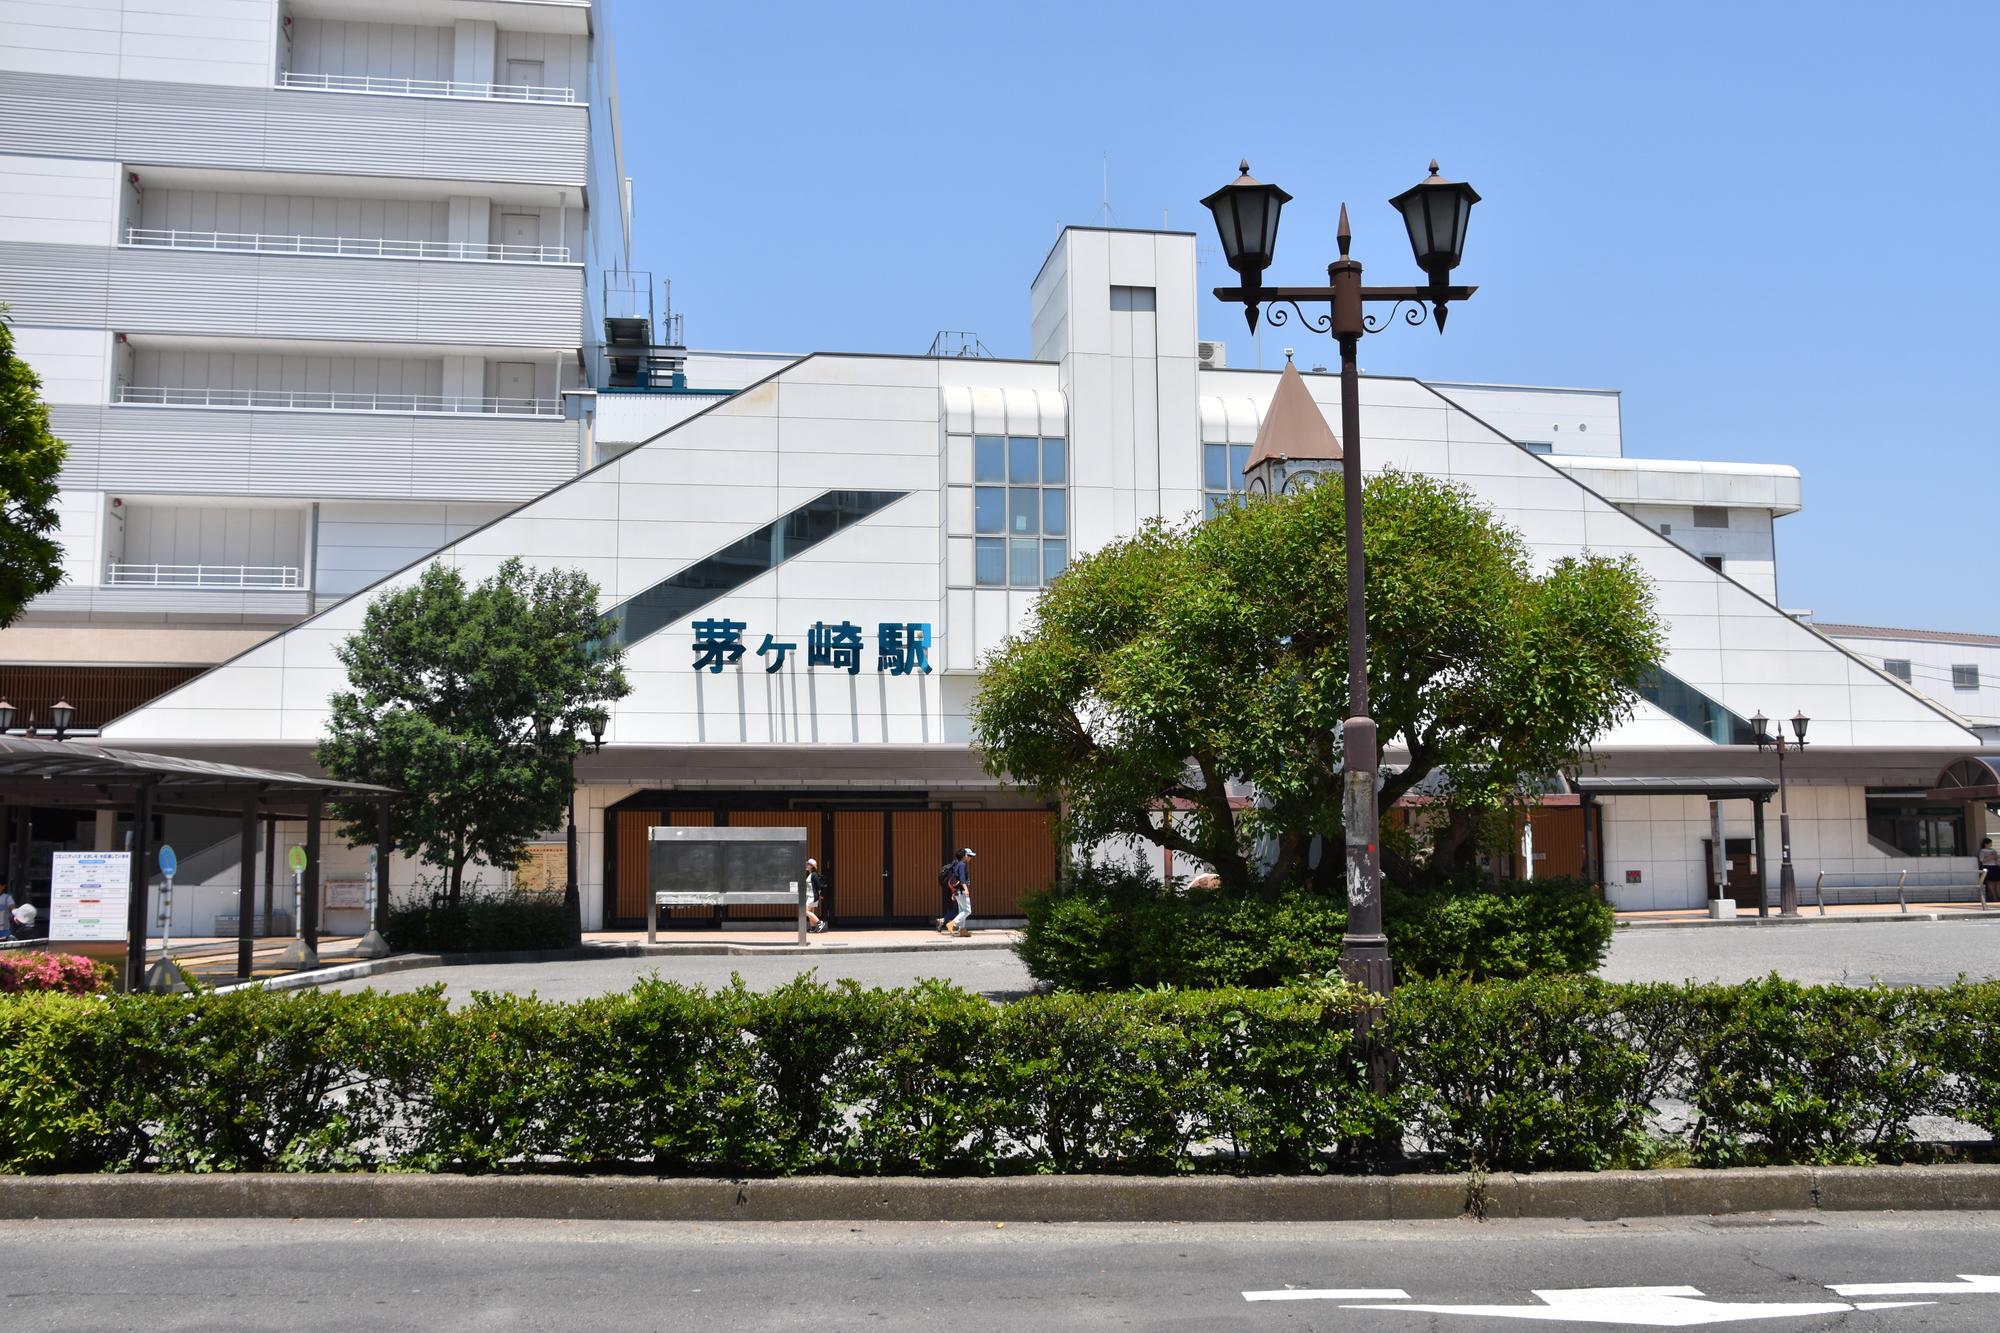 土曜に通院したい方へ!茅ヶ崎駅の歯医者さん、おすすめポイント紹介